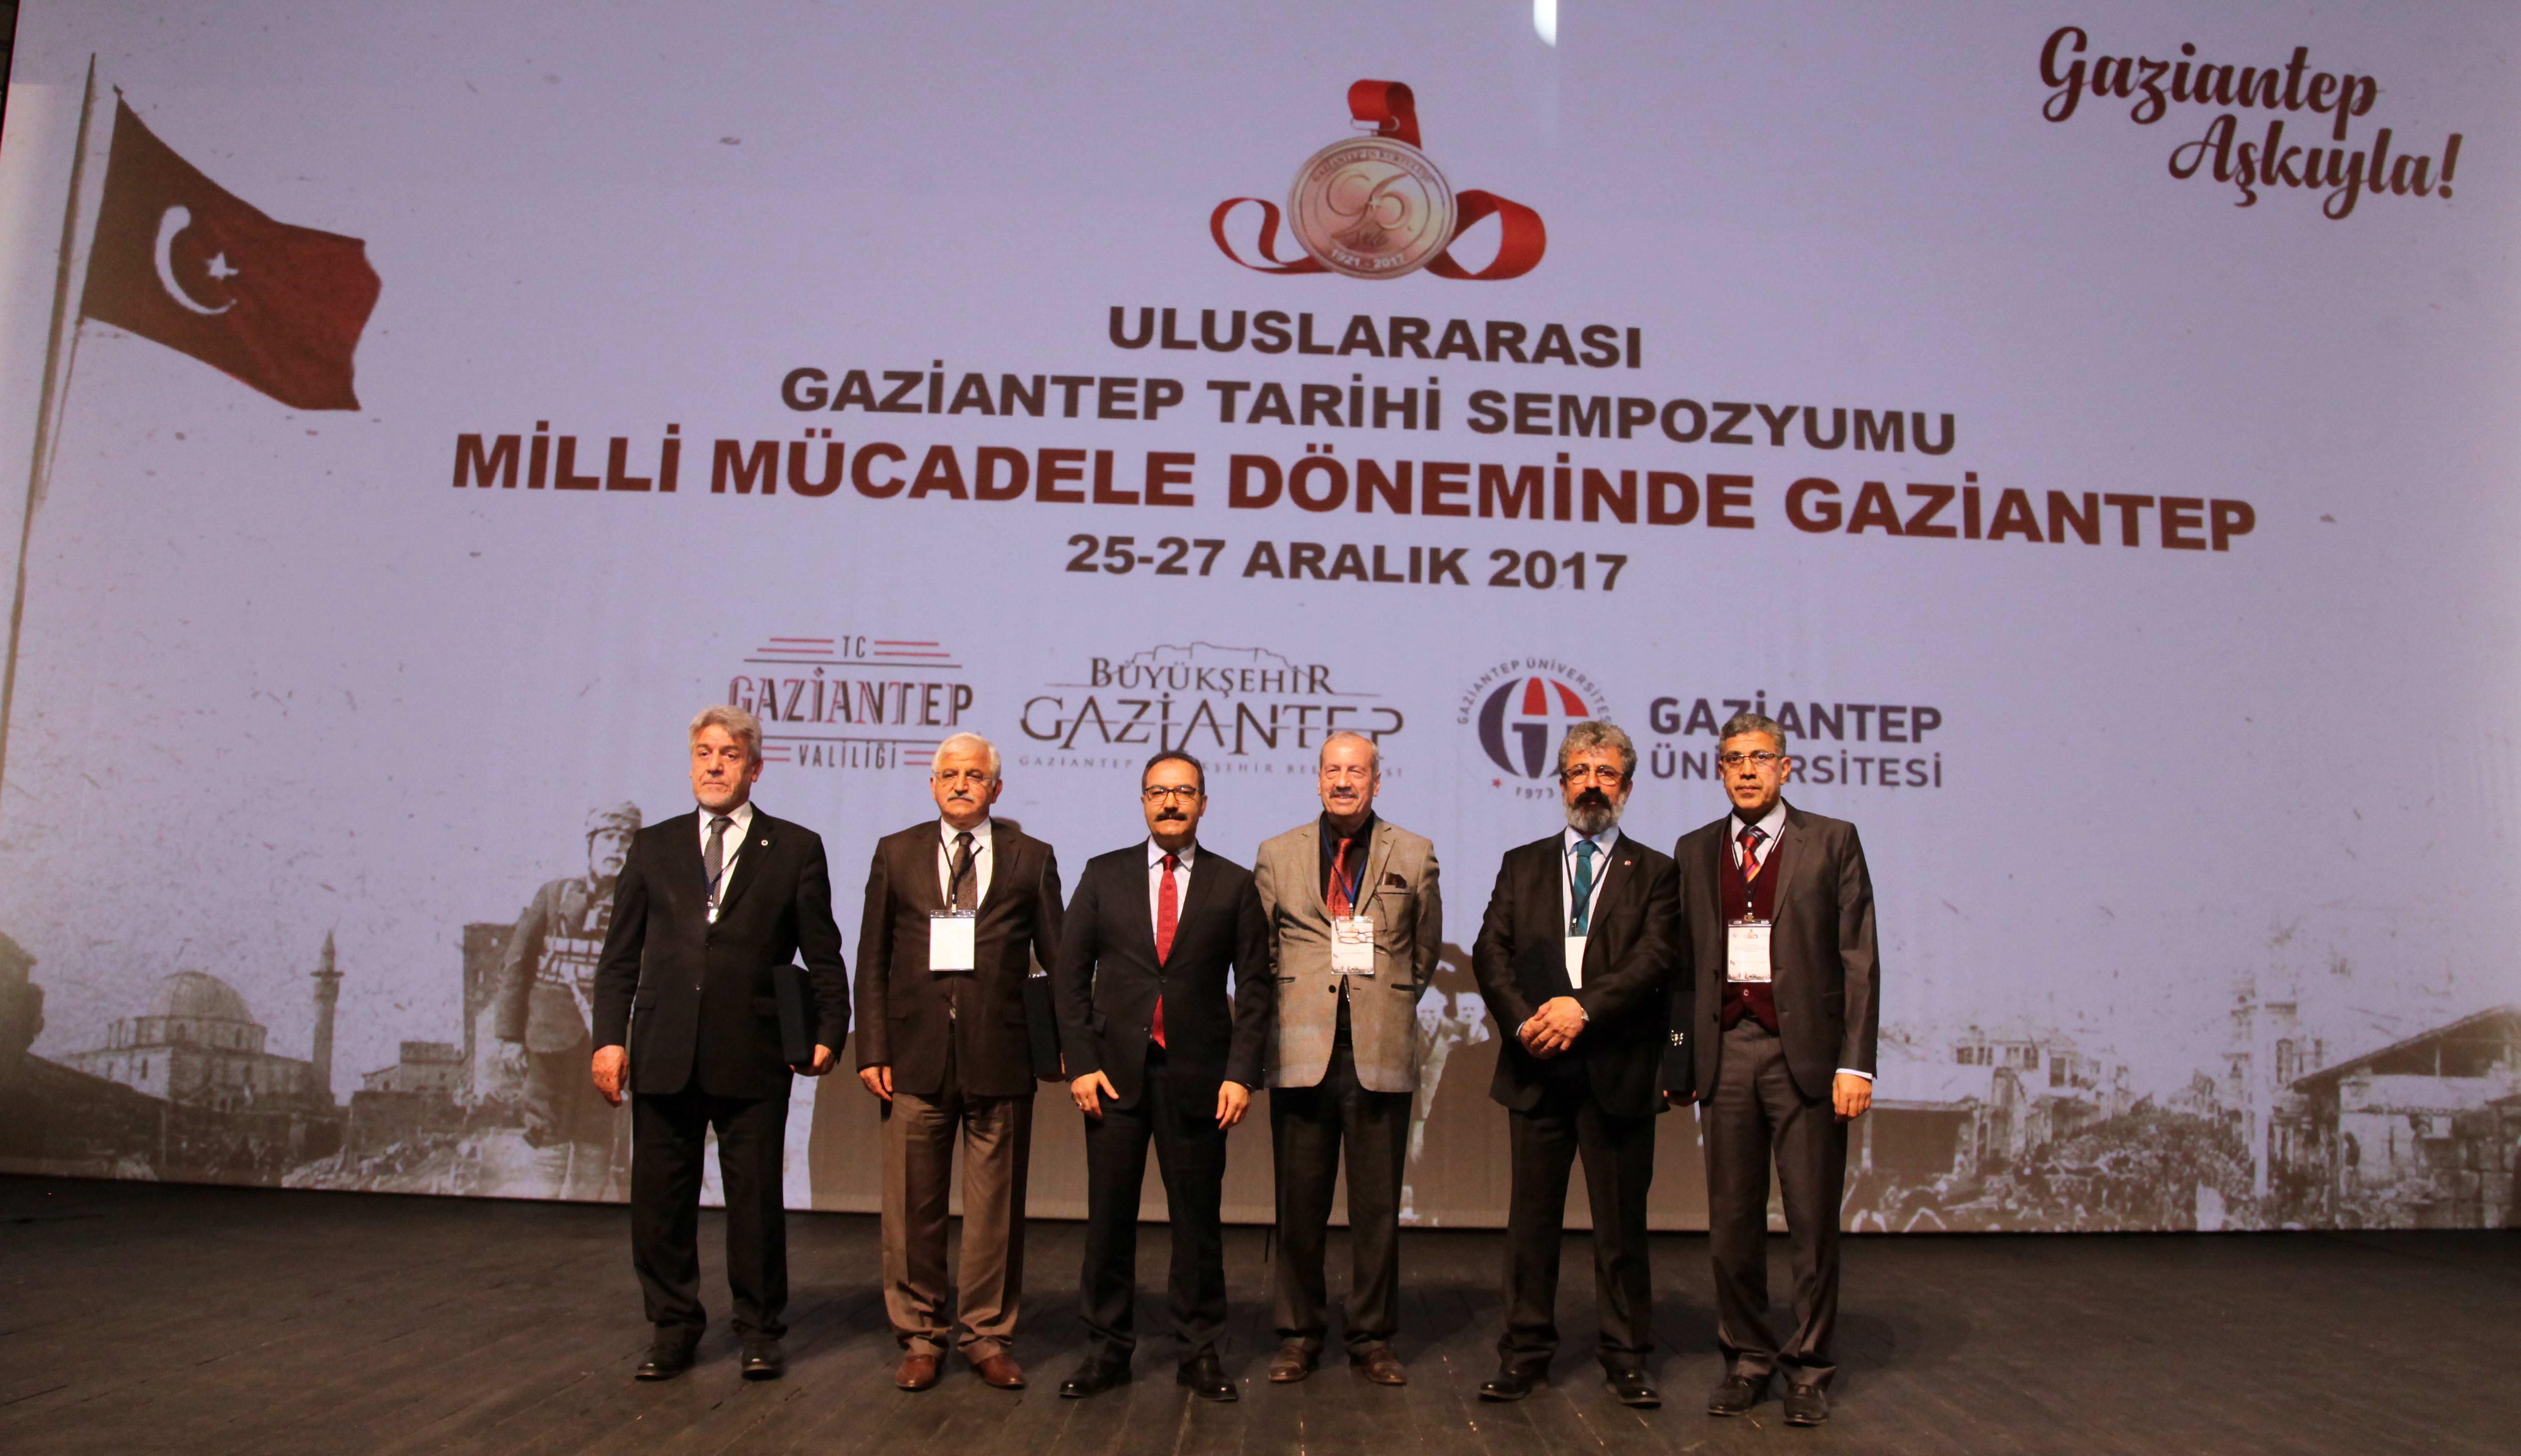 Milli Mücadele Döneminde Gaziantep -  (1)